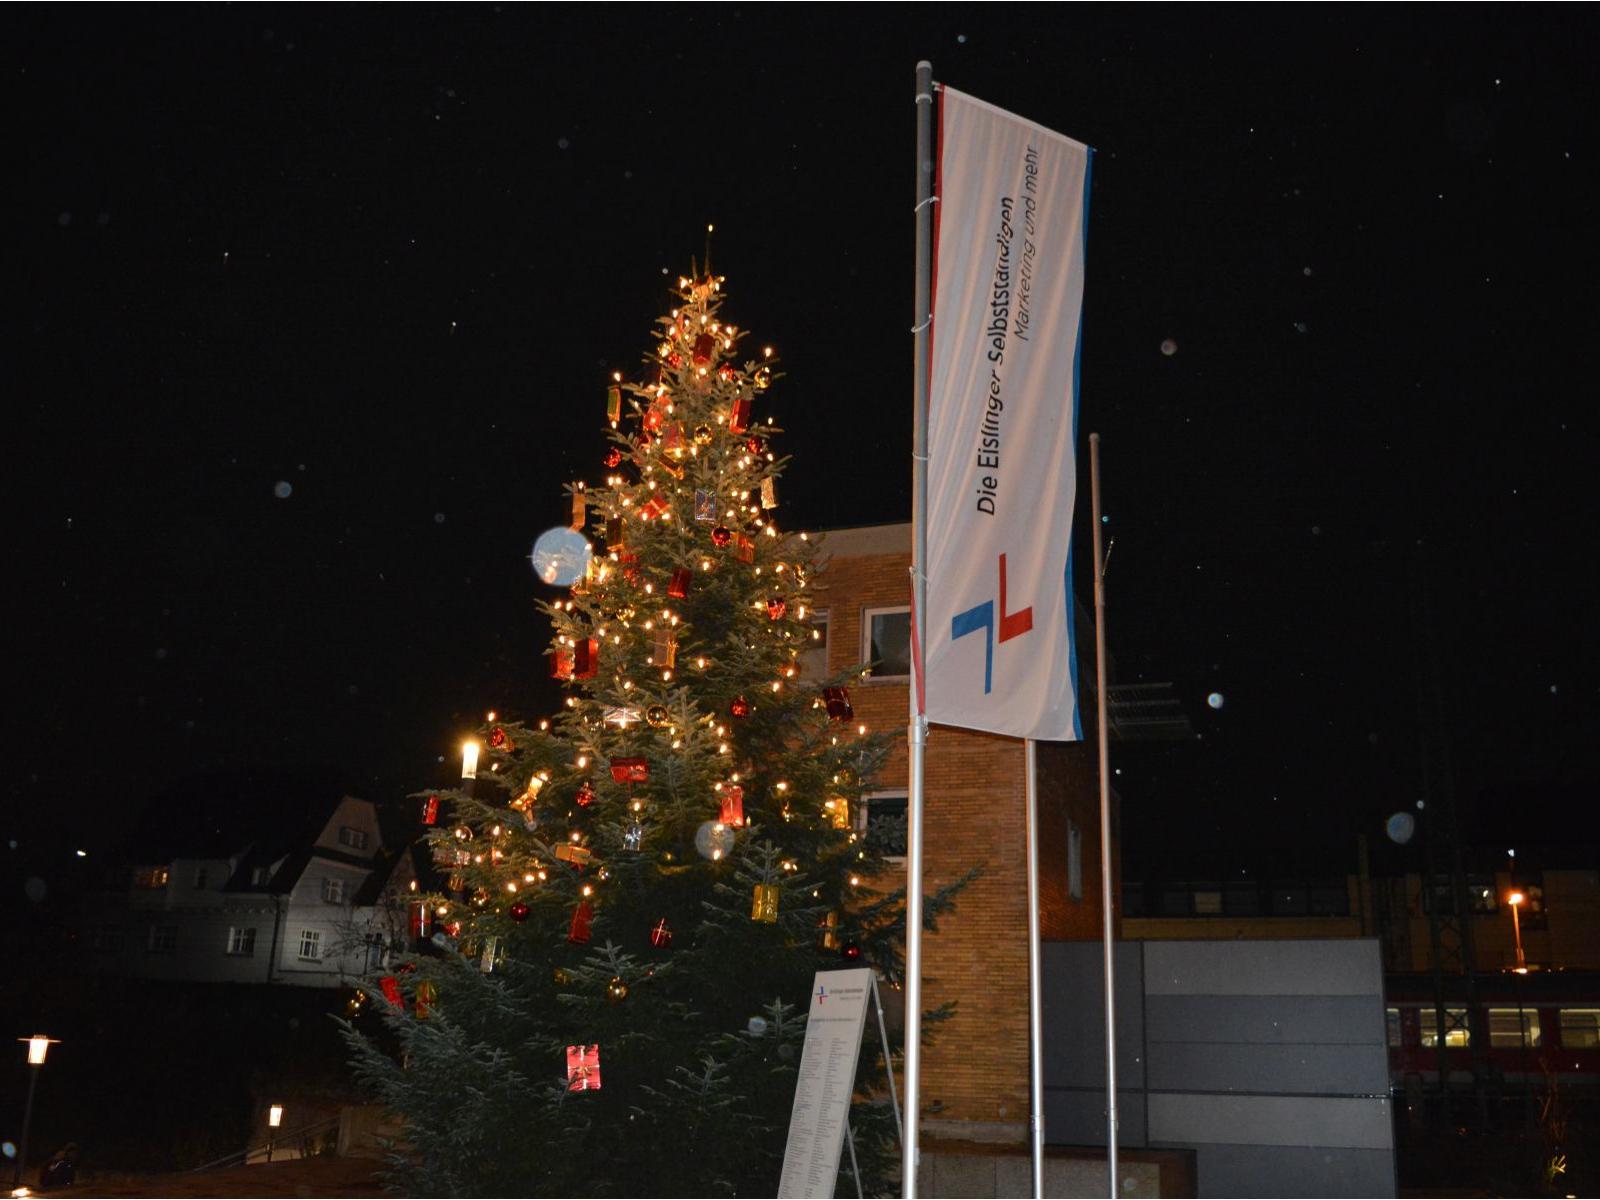 Weihnachtsbaum der Eislinger Selbstständigen